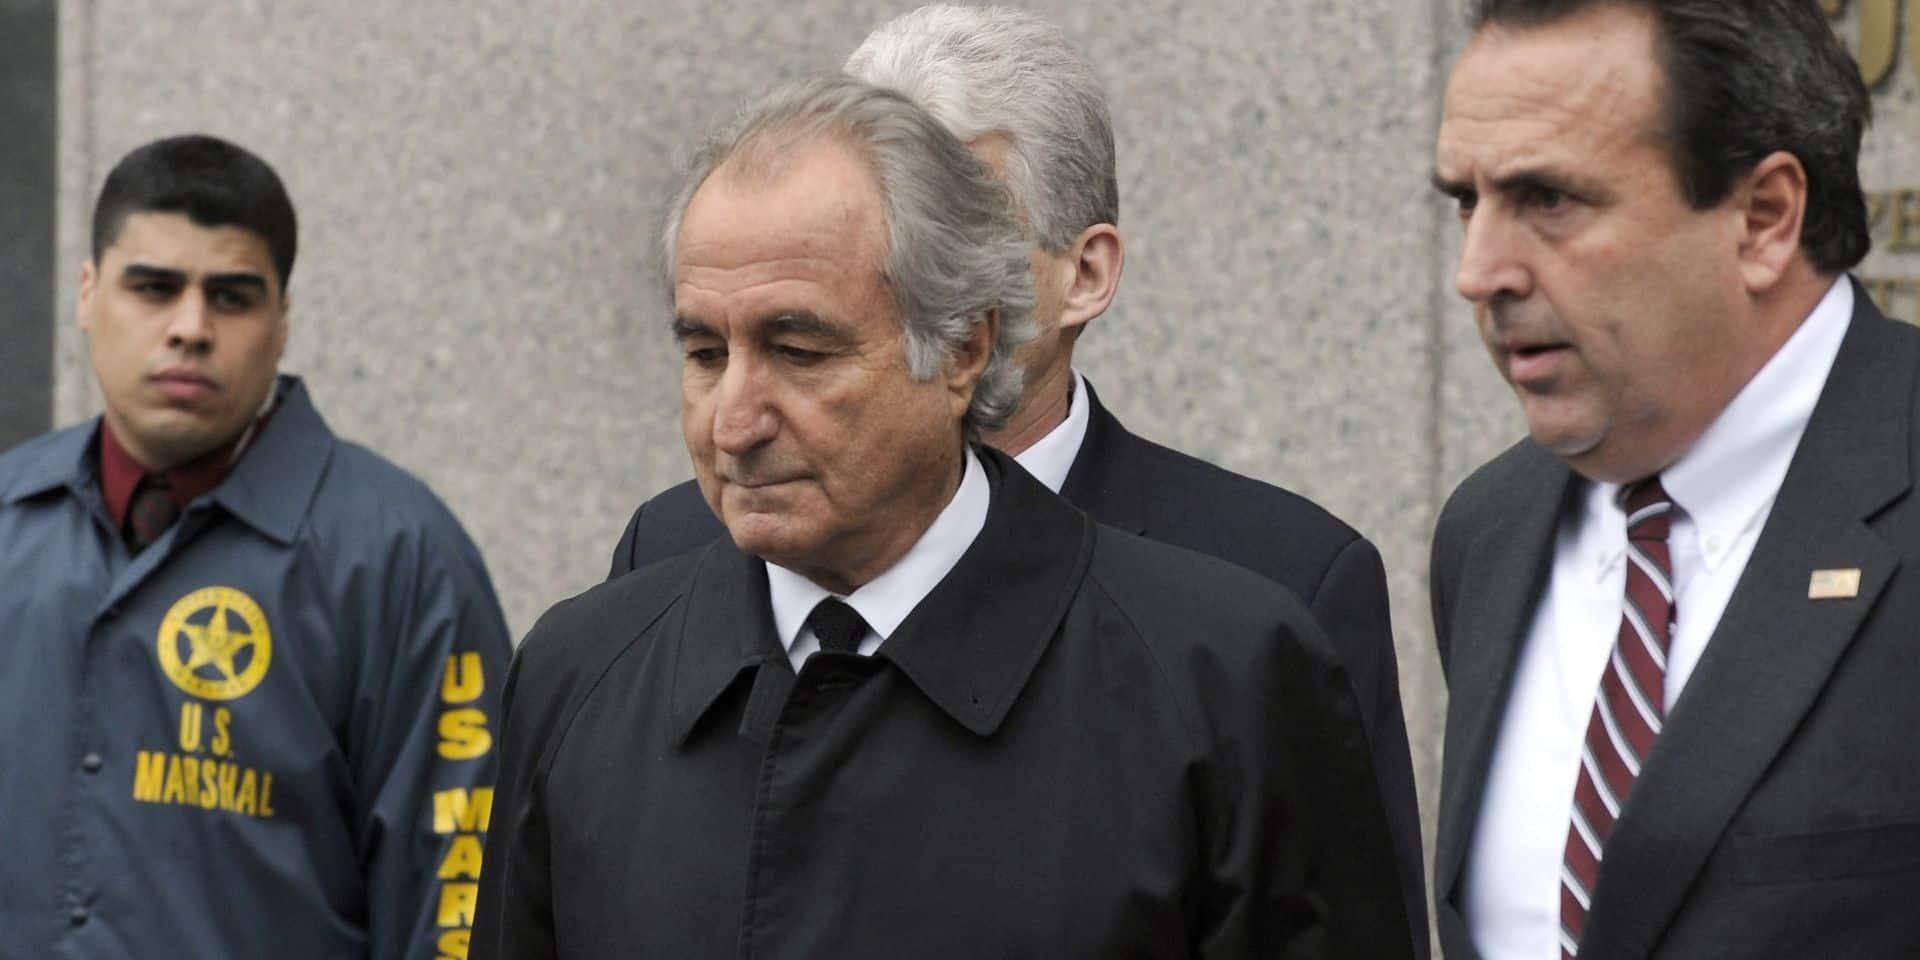 Benard Madoff, l'homme ayant escroqué plusieurs milliards de dollars grâce à un montage financier, est décédé